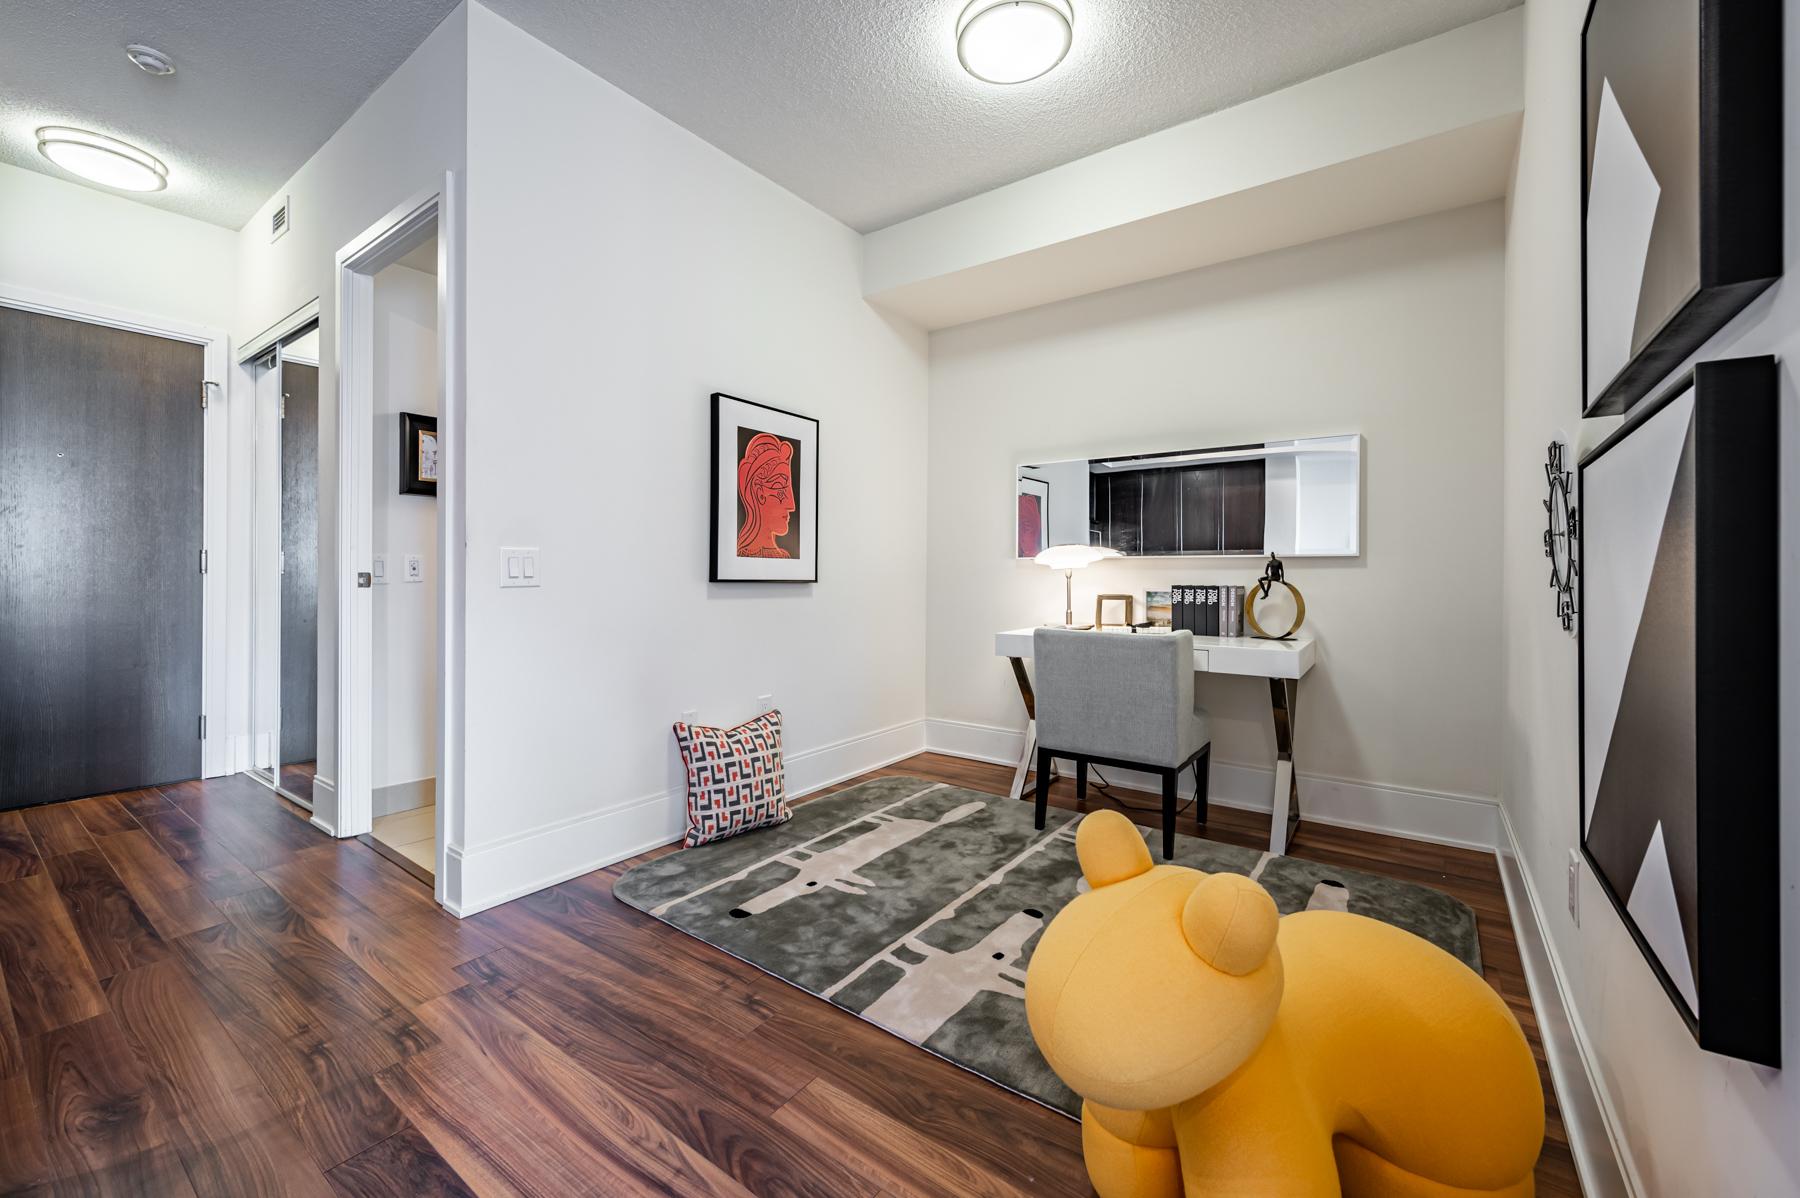 560 Front St W Suite 622 open-concept den next to bathroom.